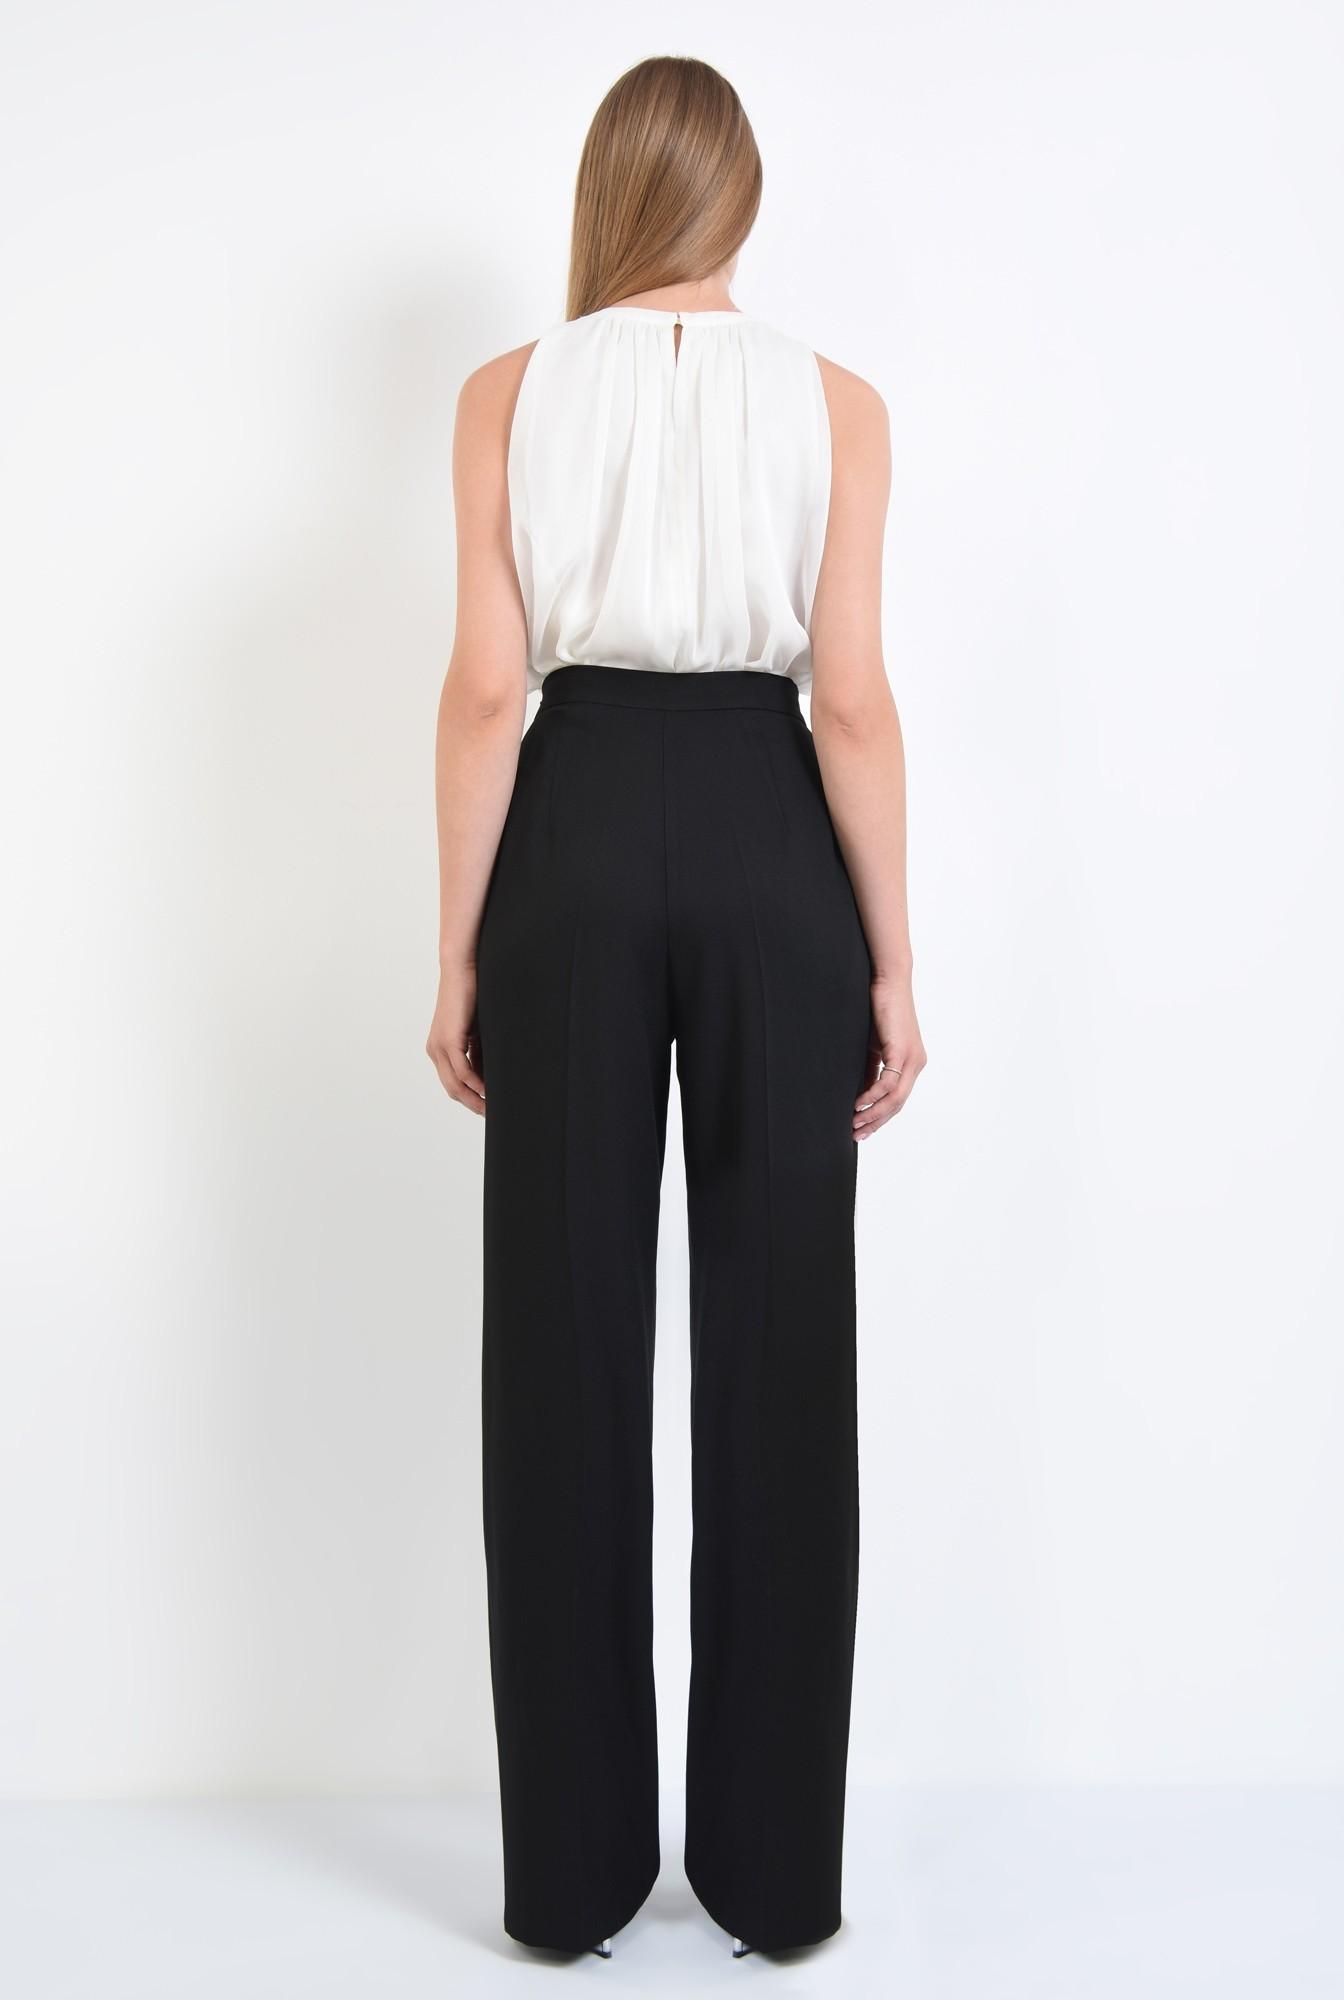 1 - bluza eleganta, din sifon, cu funda, strasuri, alb